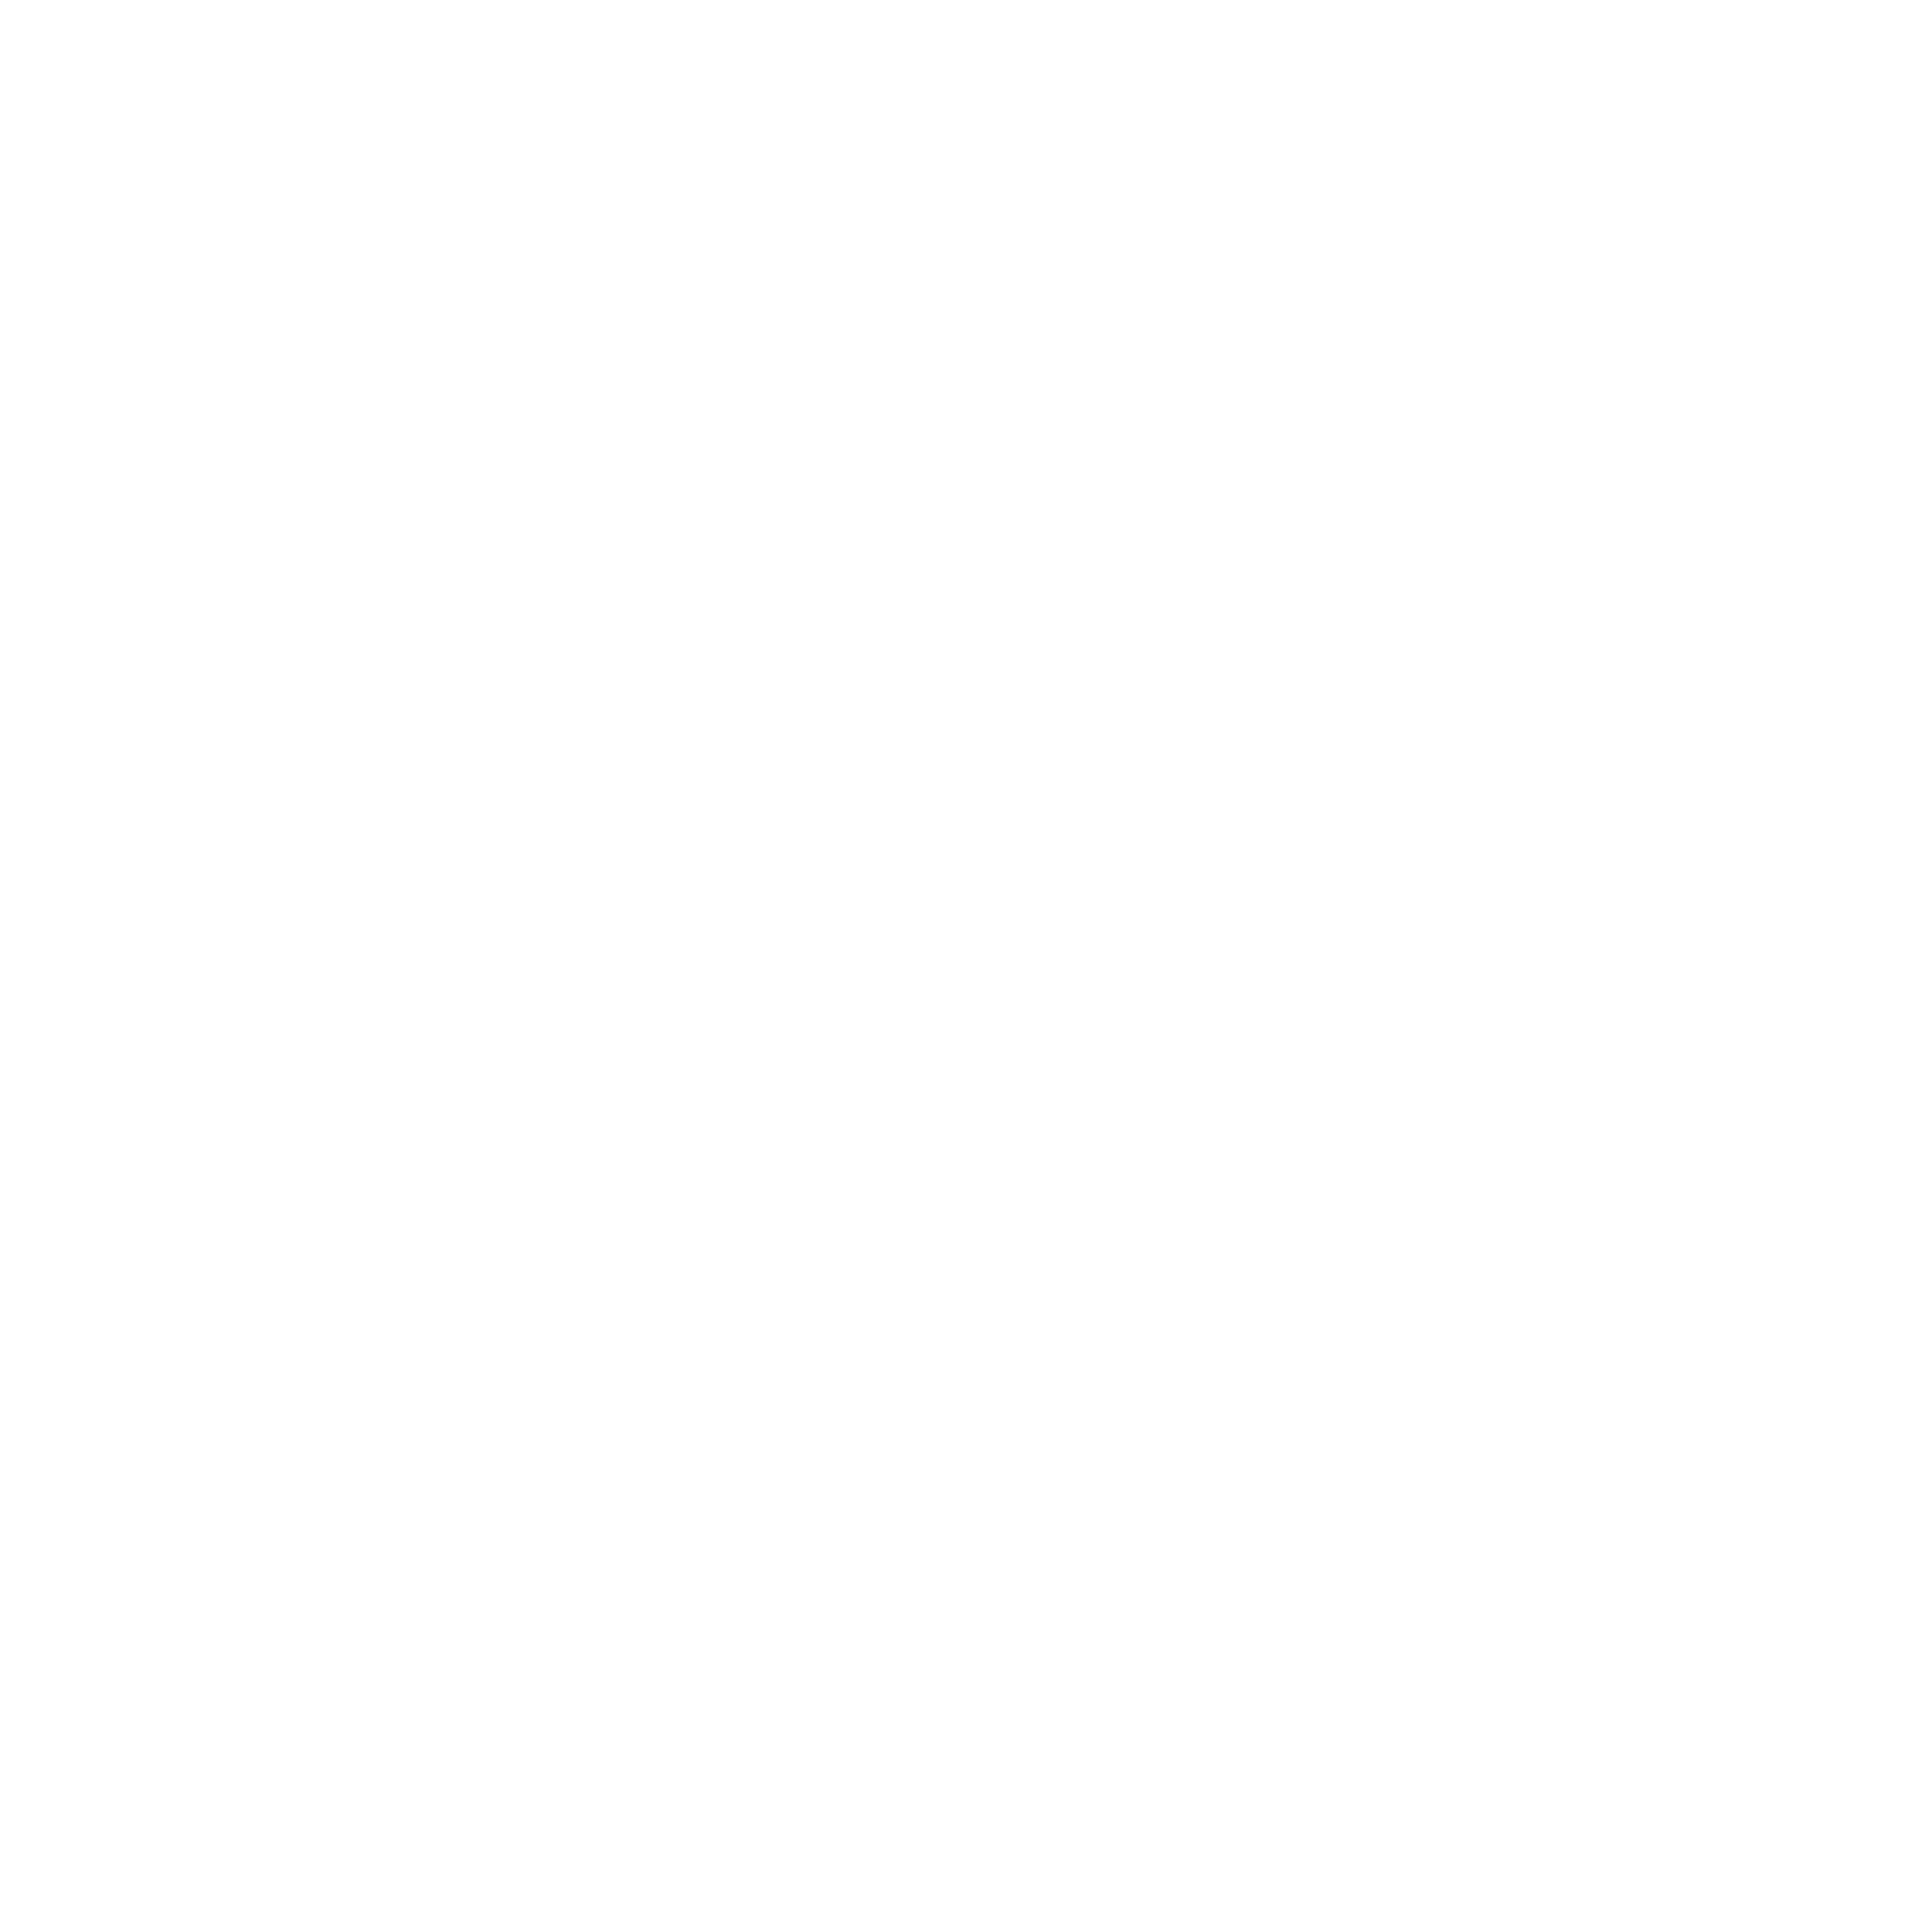 J.E._Pixel_segl&logo_Wht_Tranparent.png